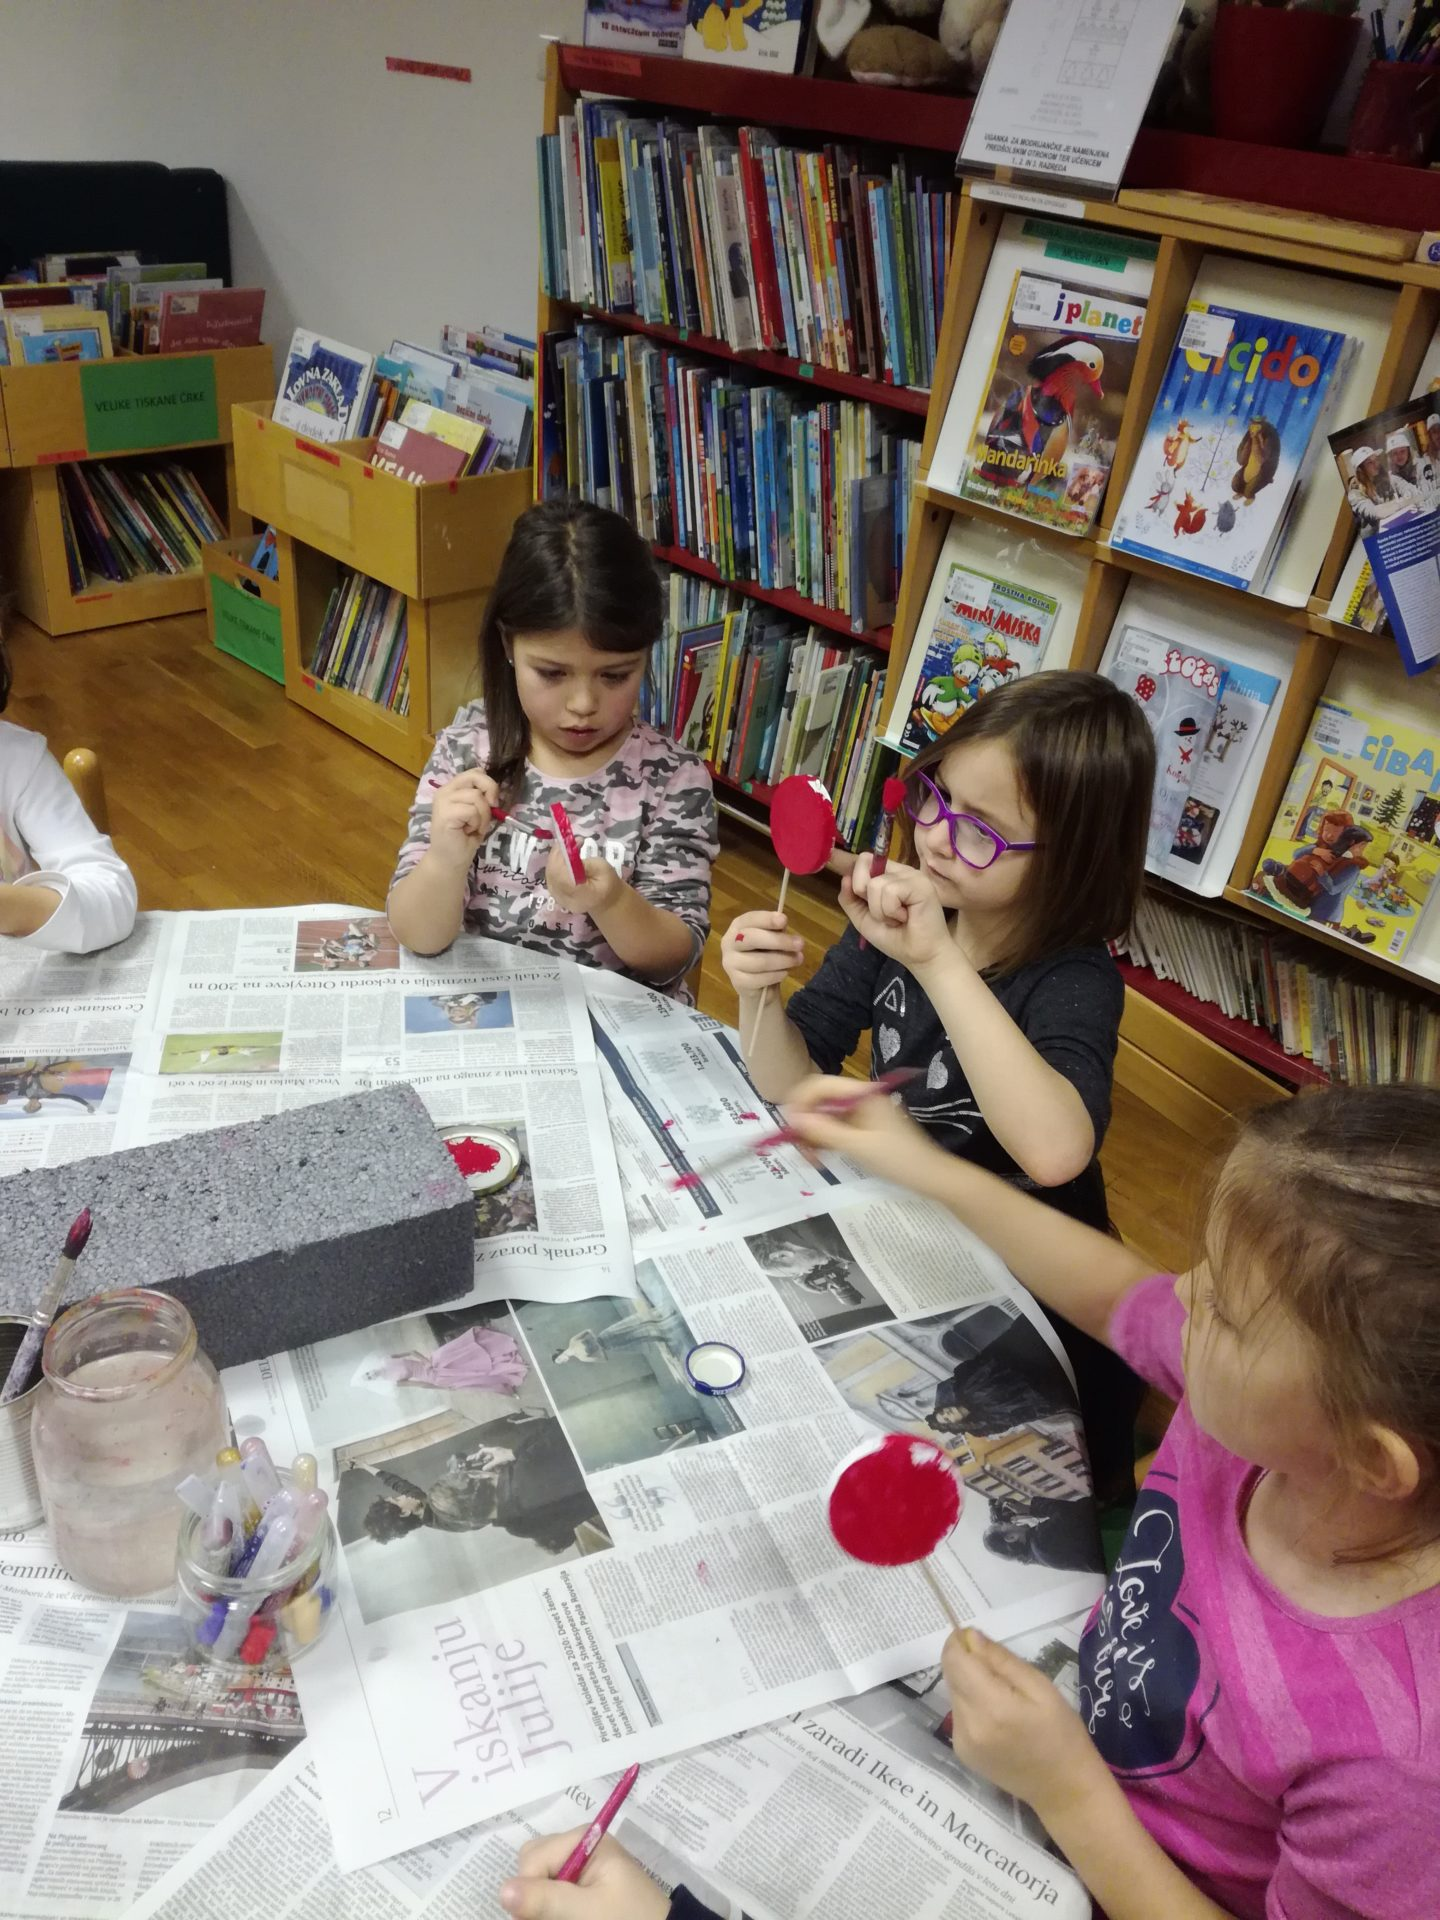 IMG 20191209 184533 - Pravljična urica in ustvarjalna delavnica za otroke od 4. leta dalje